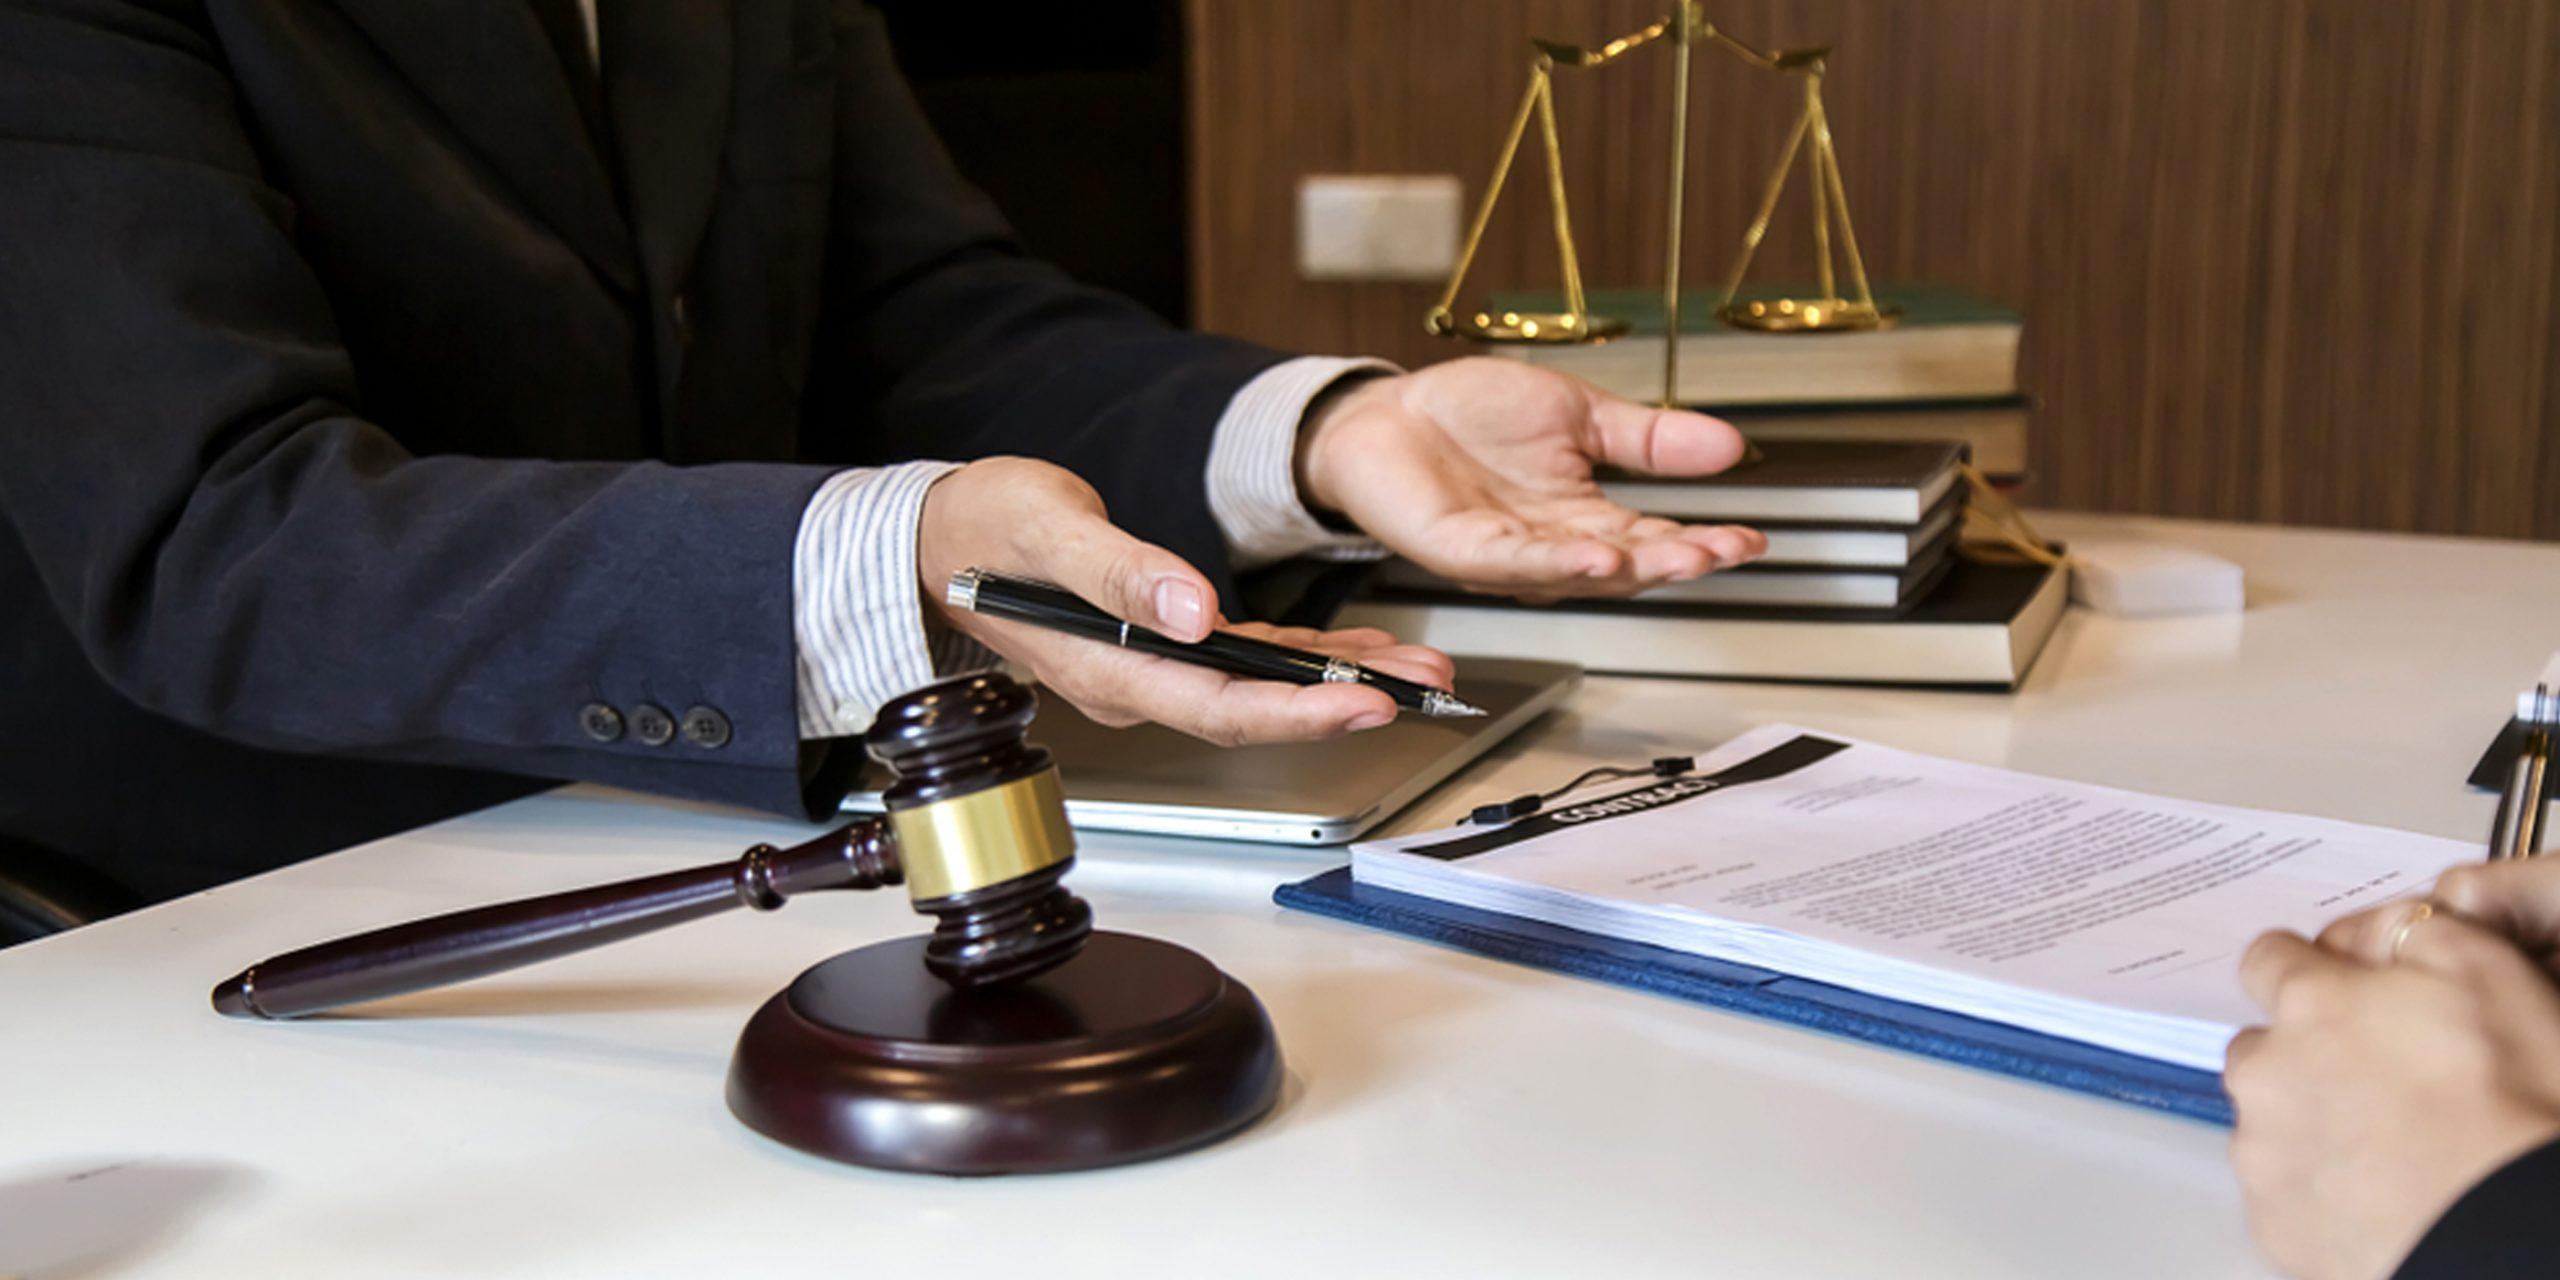 Legal Advisory scaled-bizserve.com.np